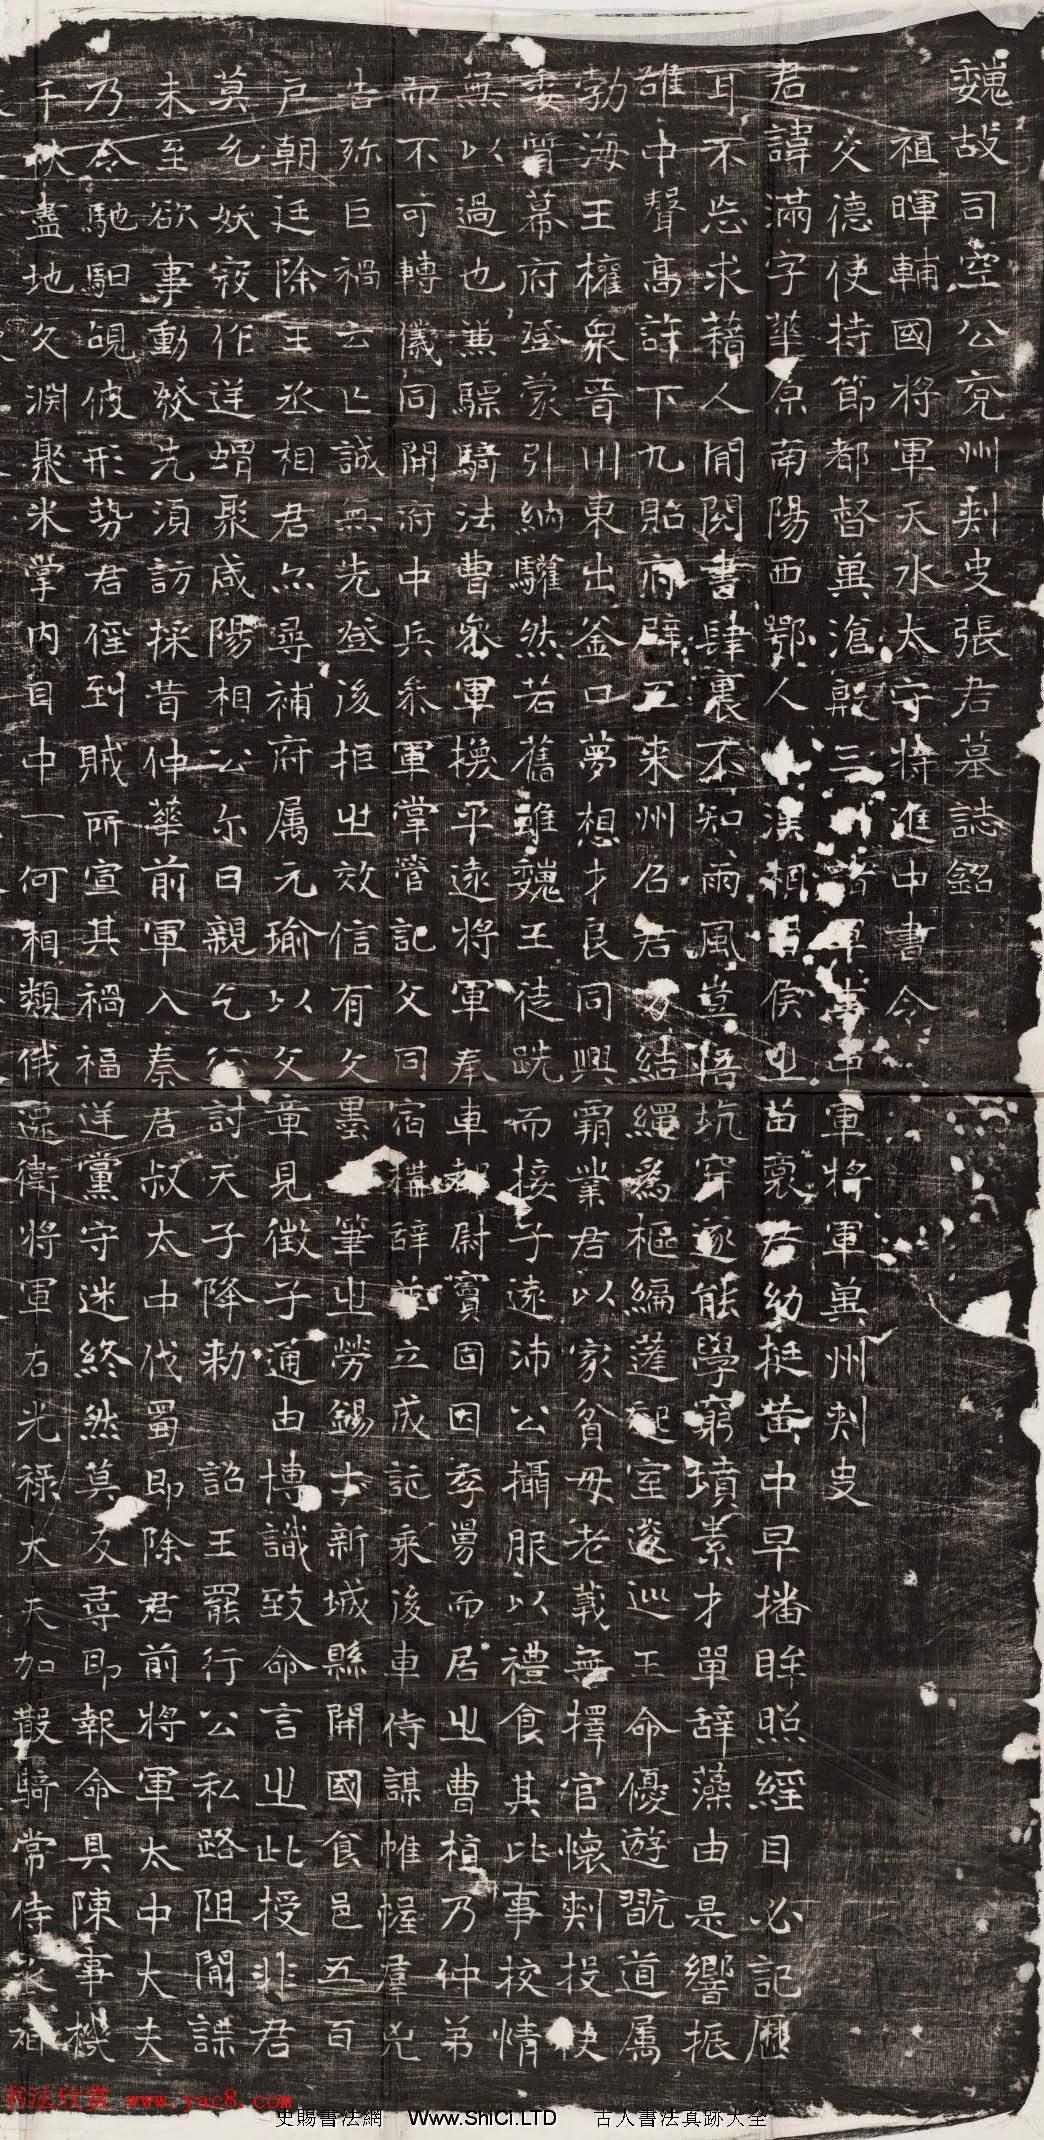 東魏正書石刻《張滿墓誌》民國拓本